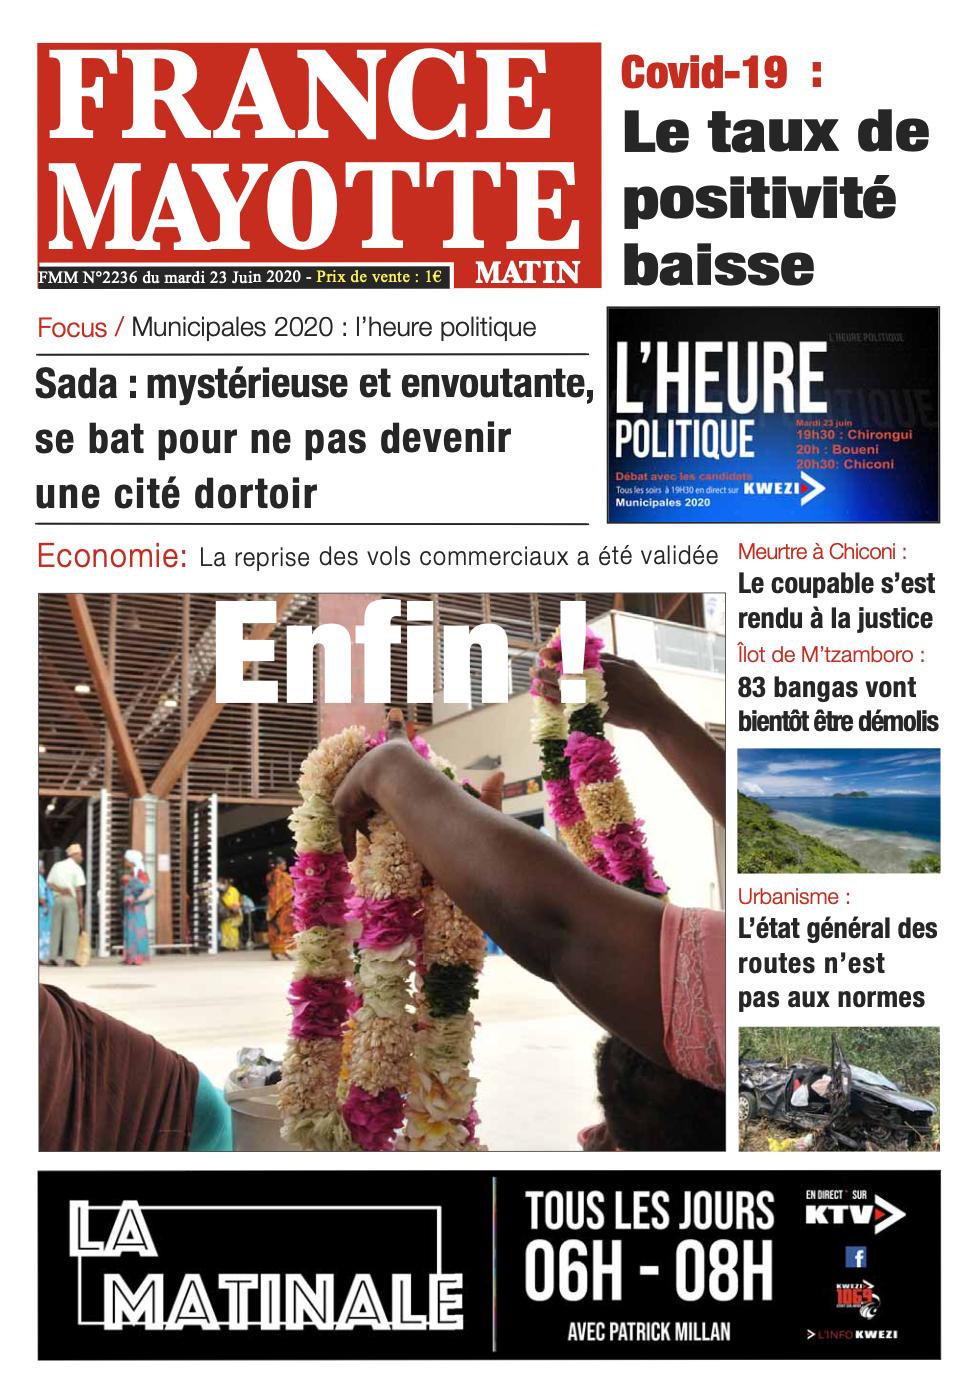 France Mayotte Mardi 23 juin 2020